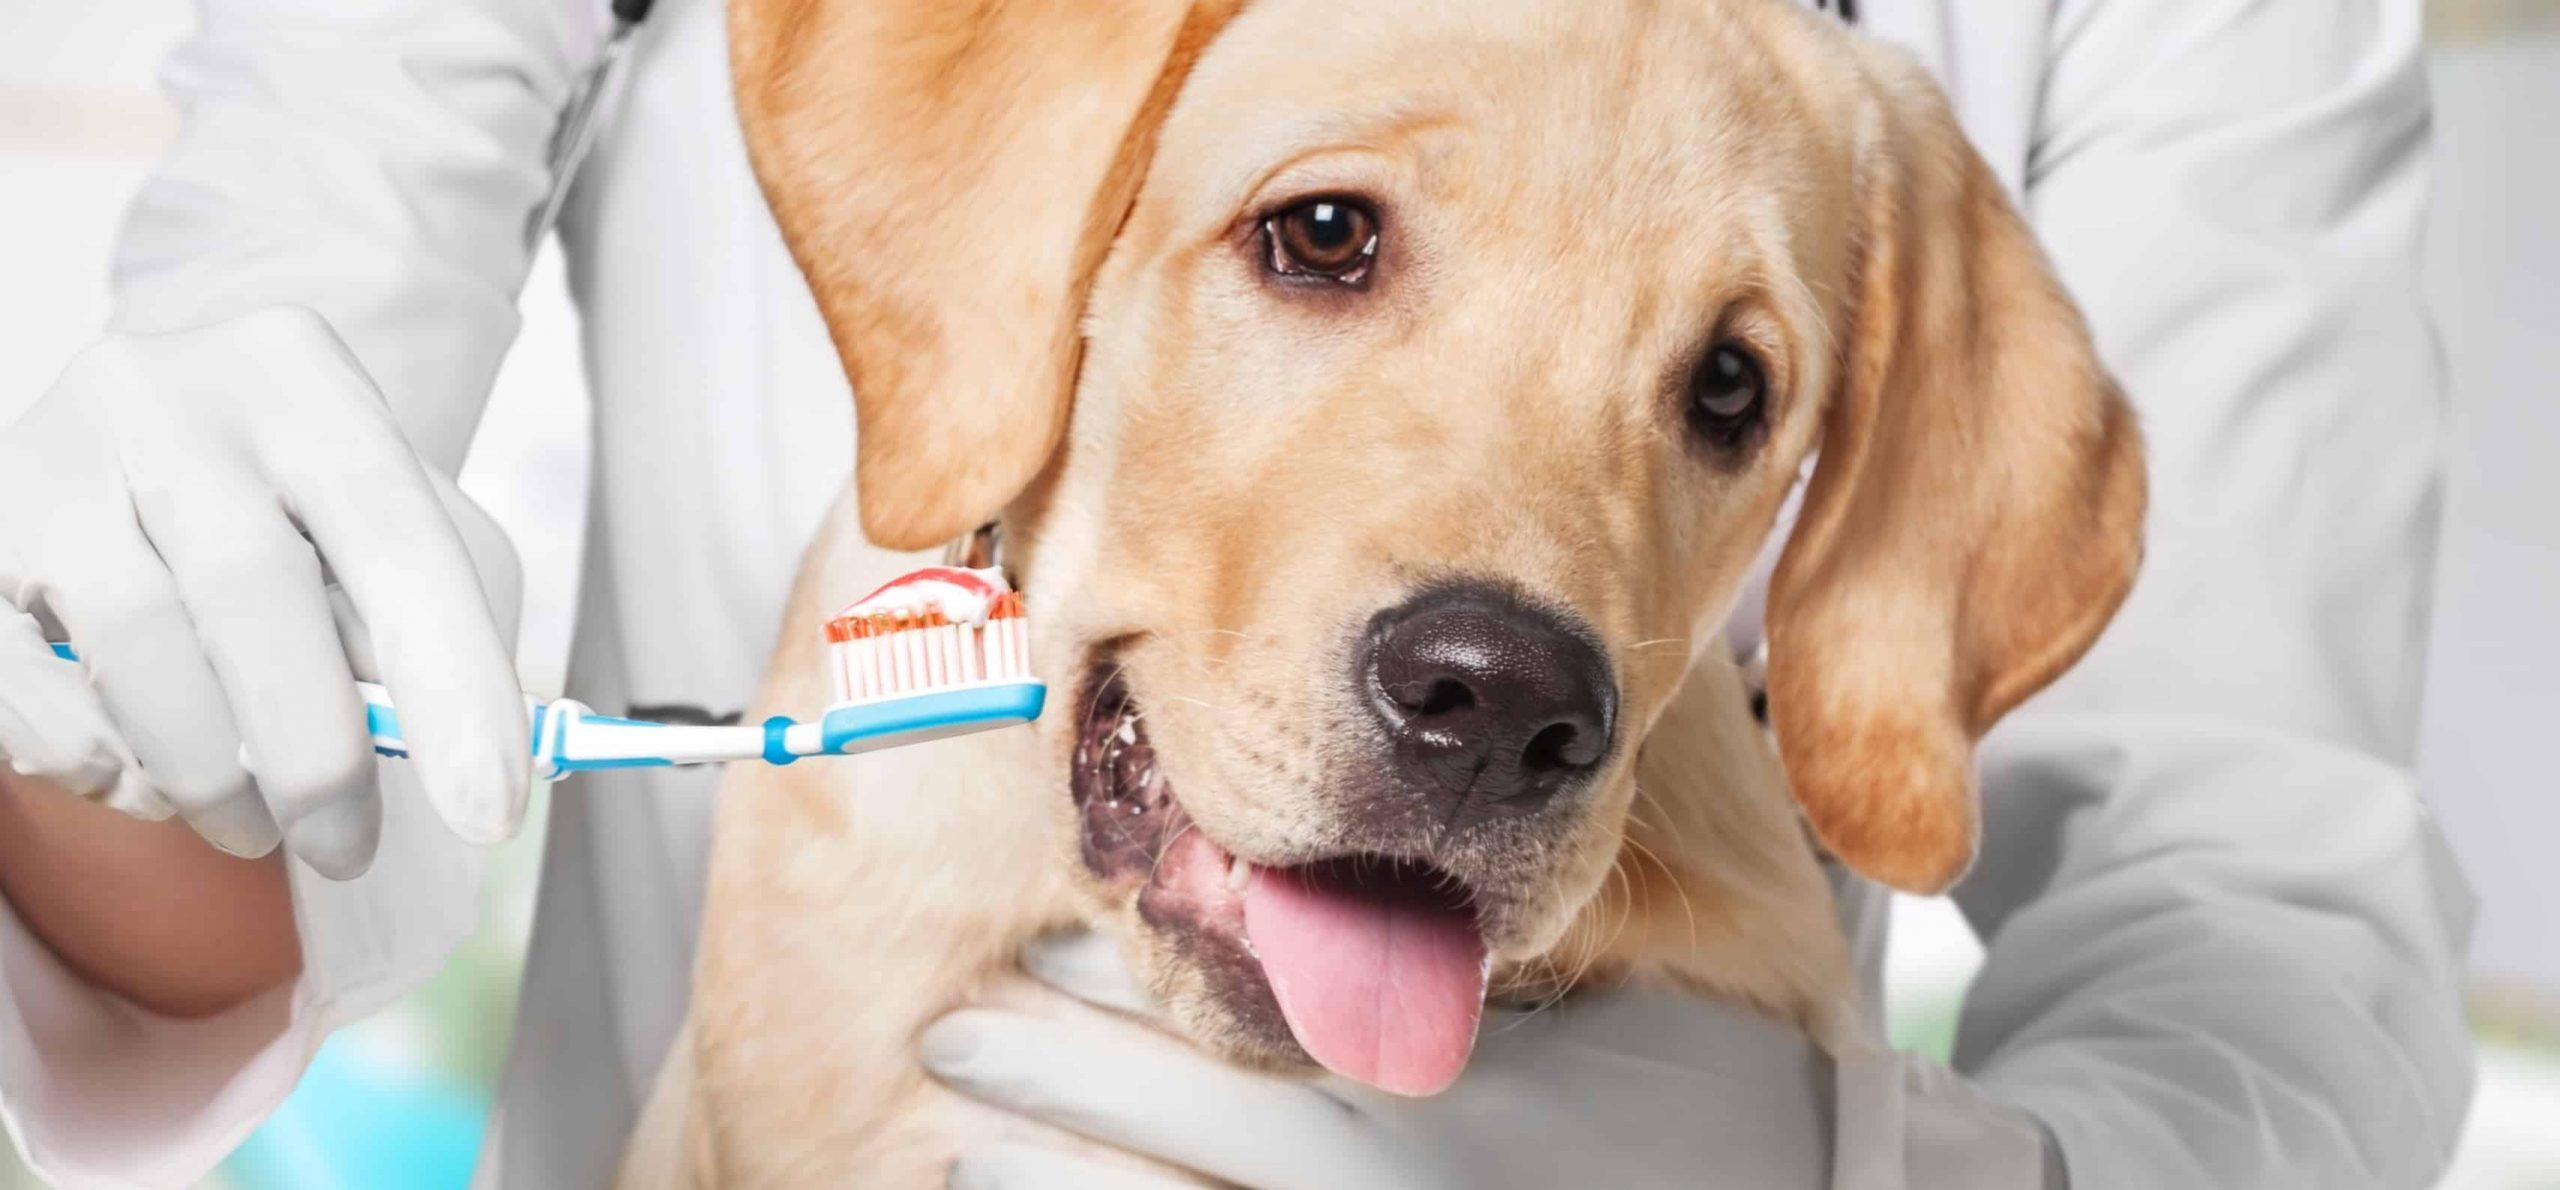 Spazzolino e dentifricio per un cane